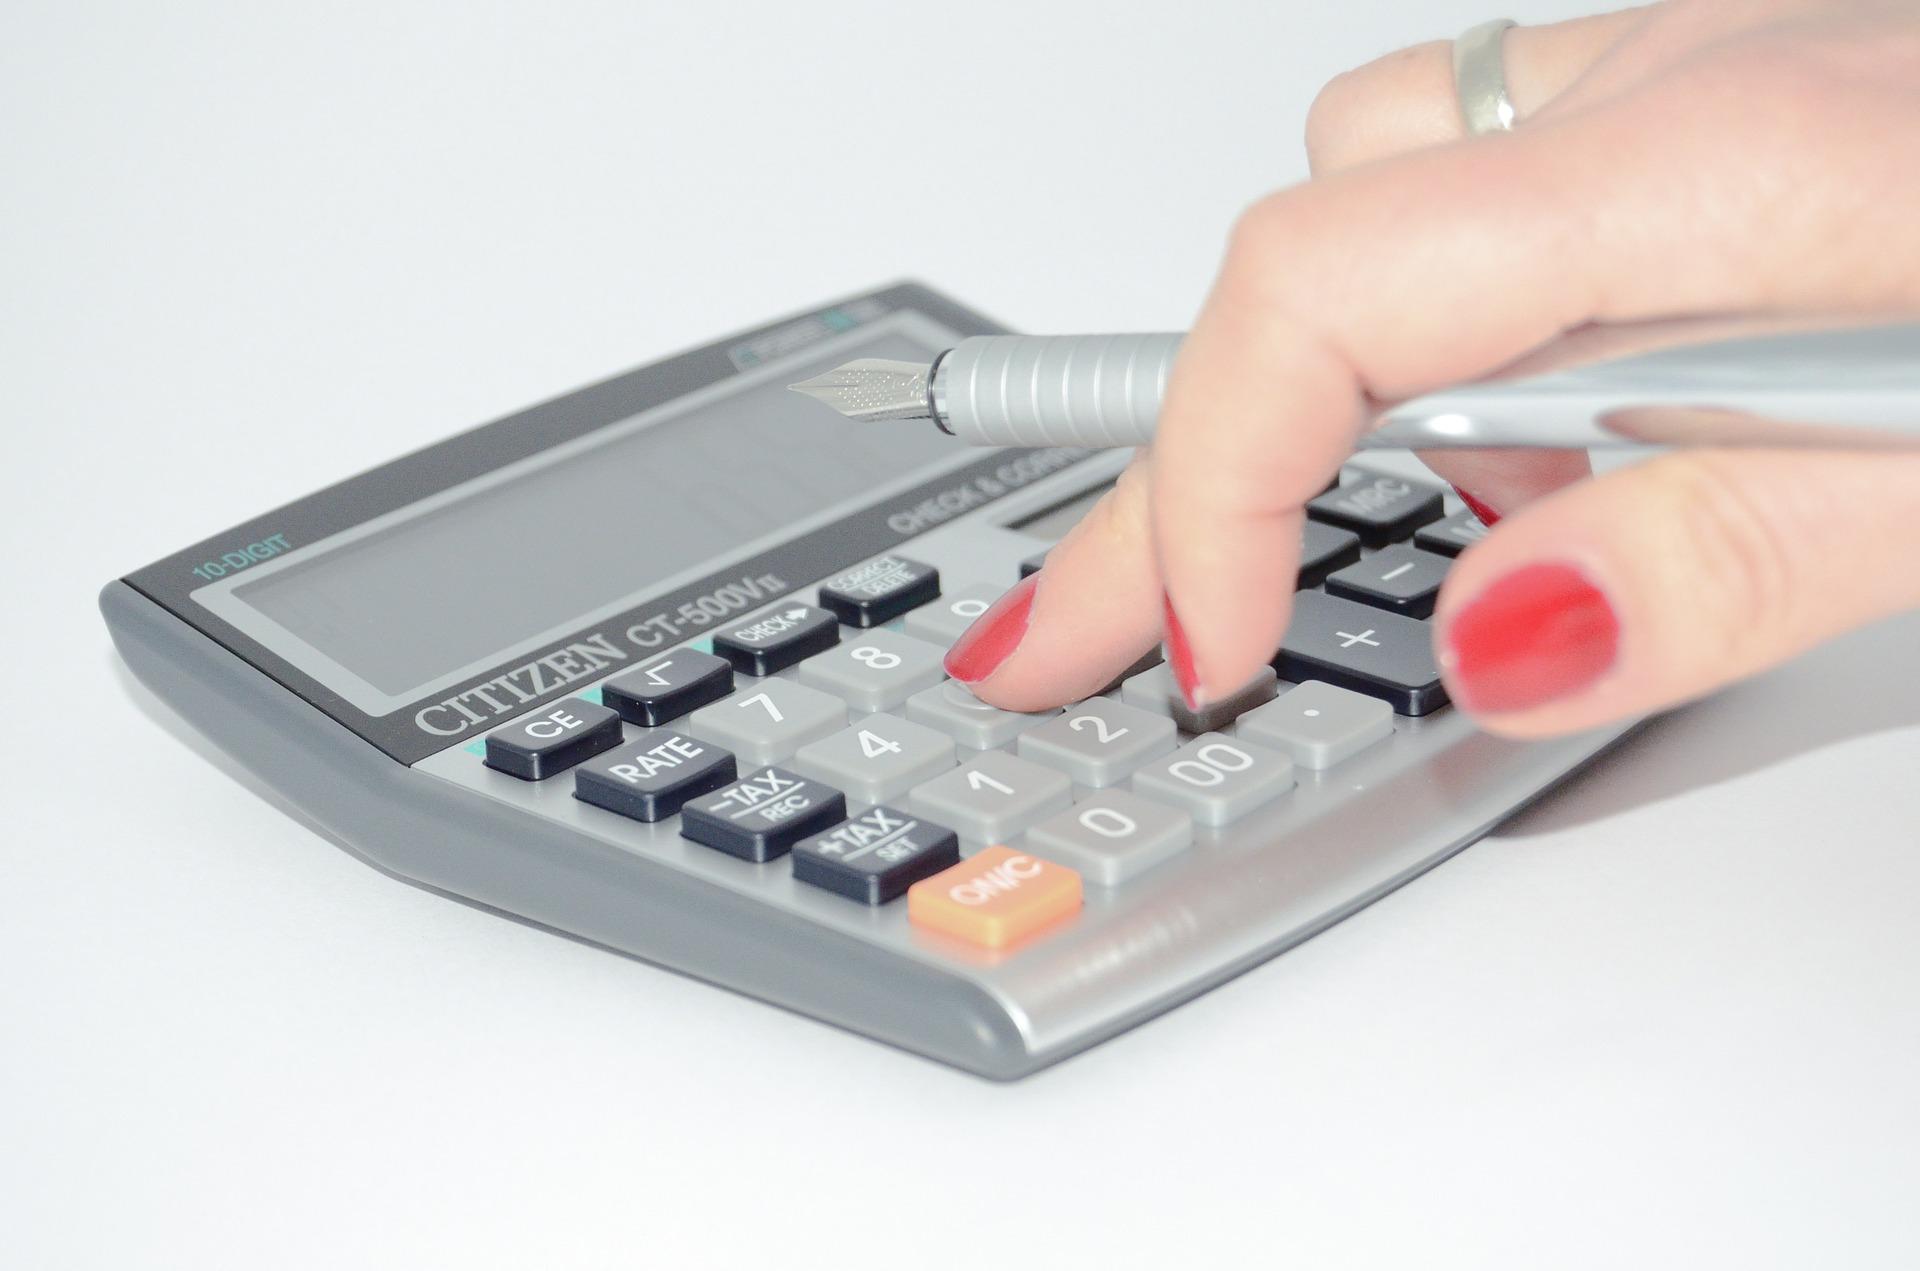 土地の租税公課を元にして計算する(公租公課倍率法)